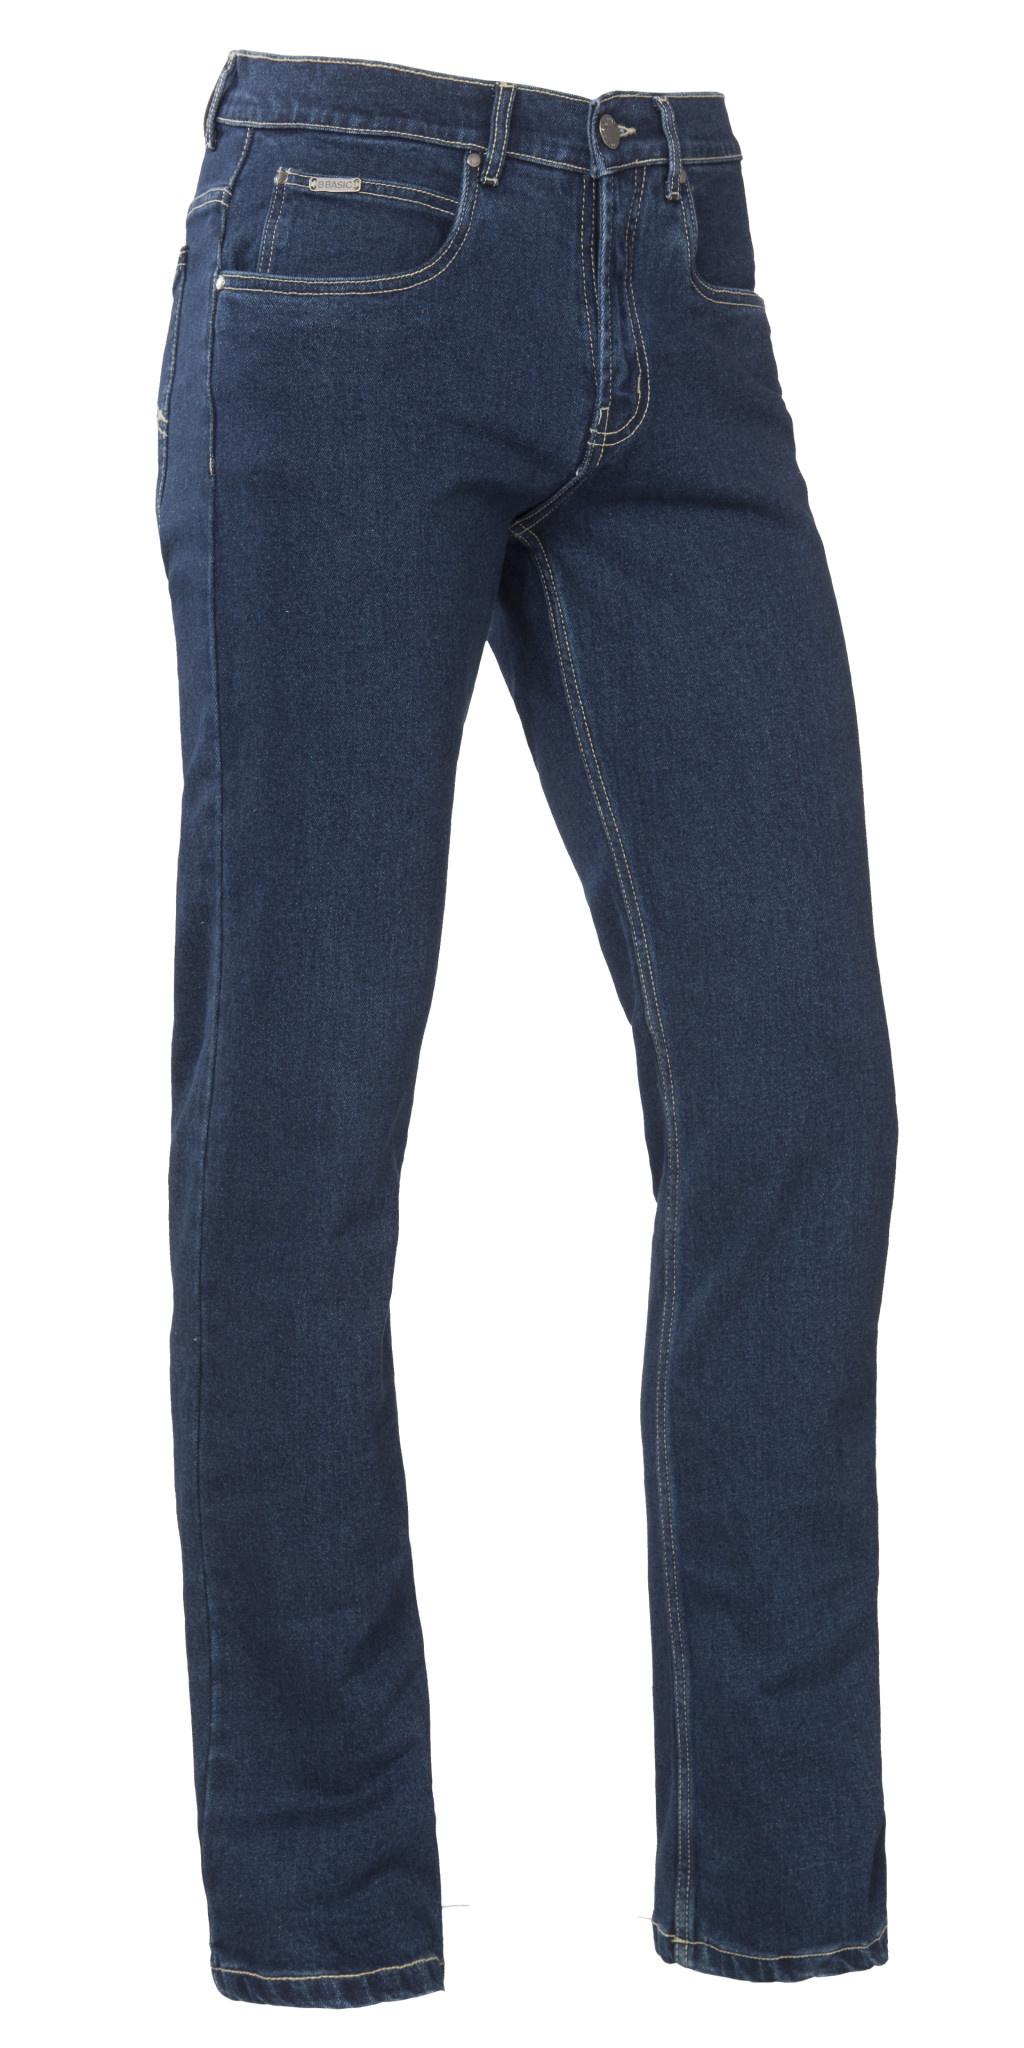 Brams Paris Heren Jeans Burt 1.3340/C54-1